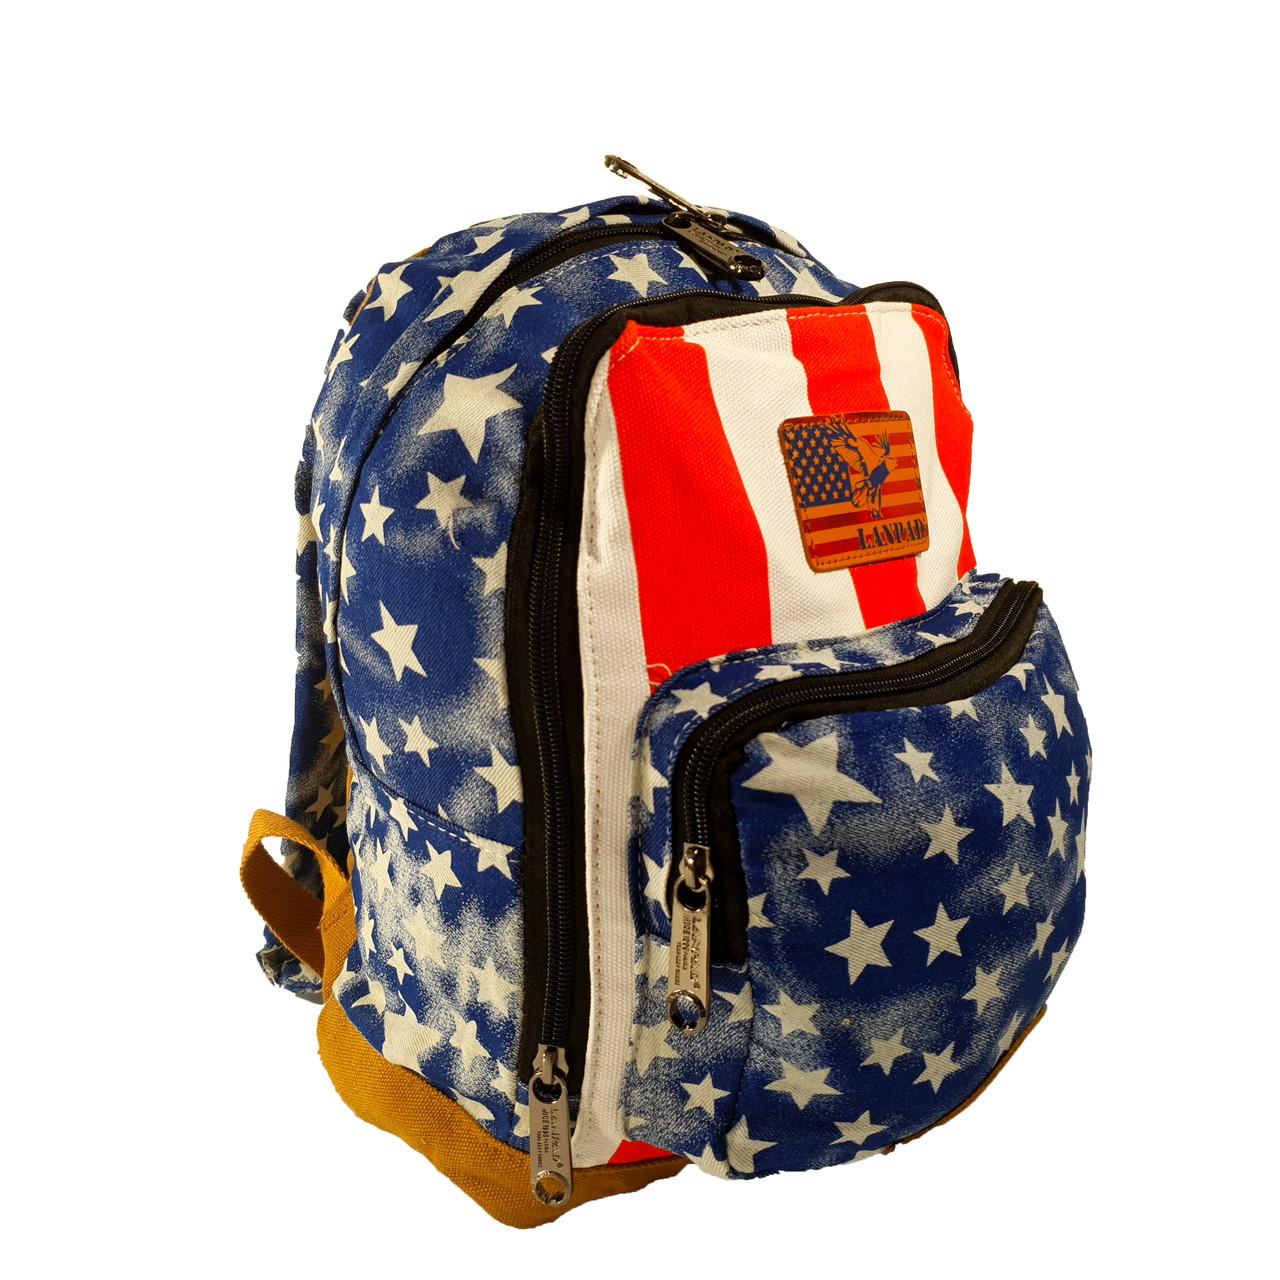 Брезентовый(джинсовый) малый рюкзак Lanpad